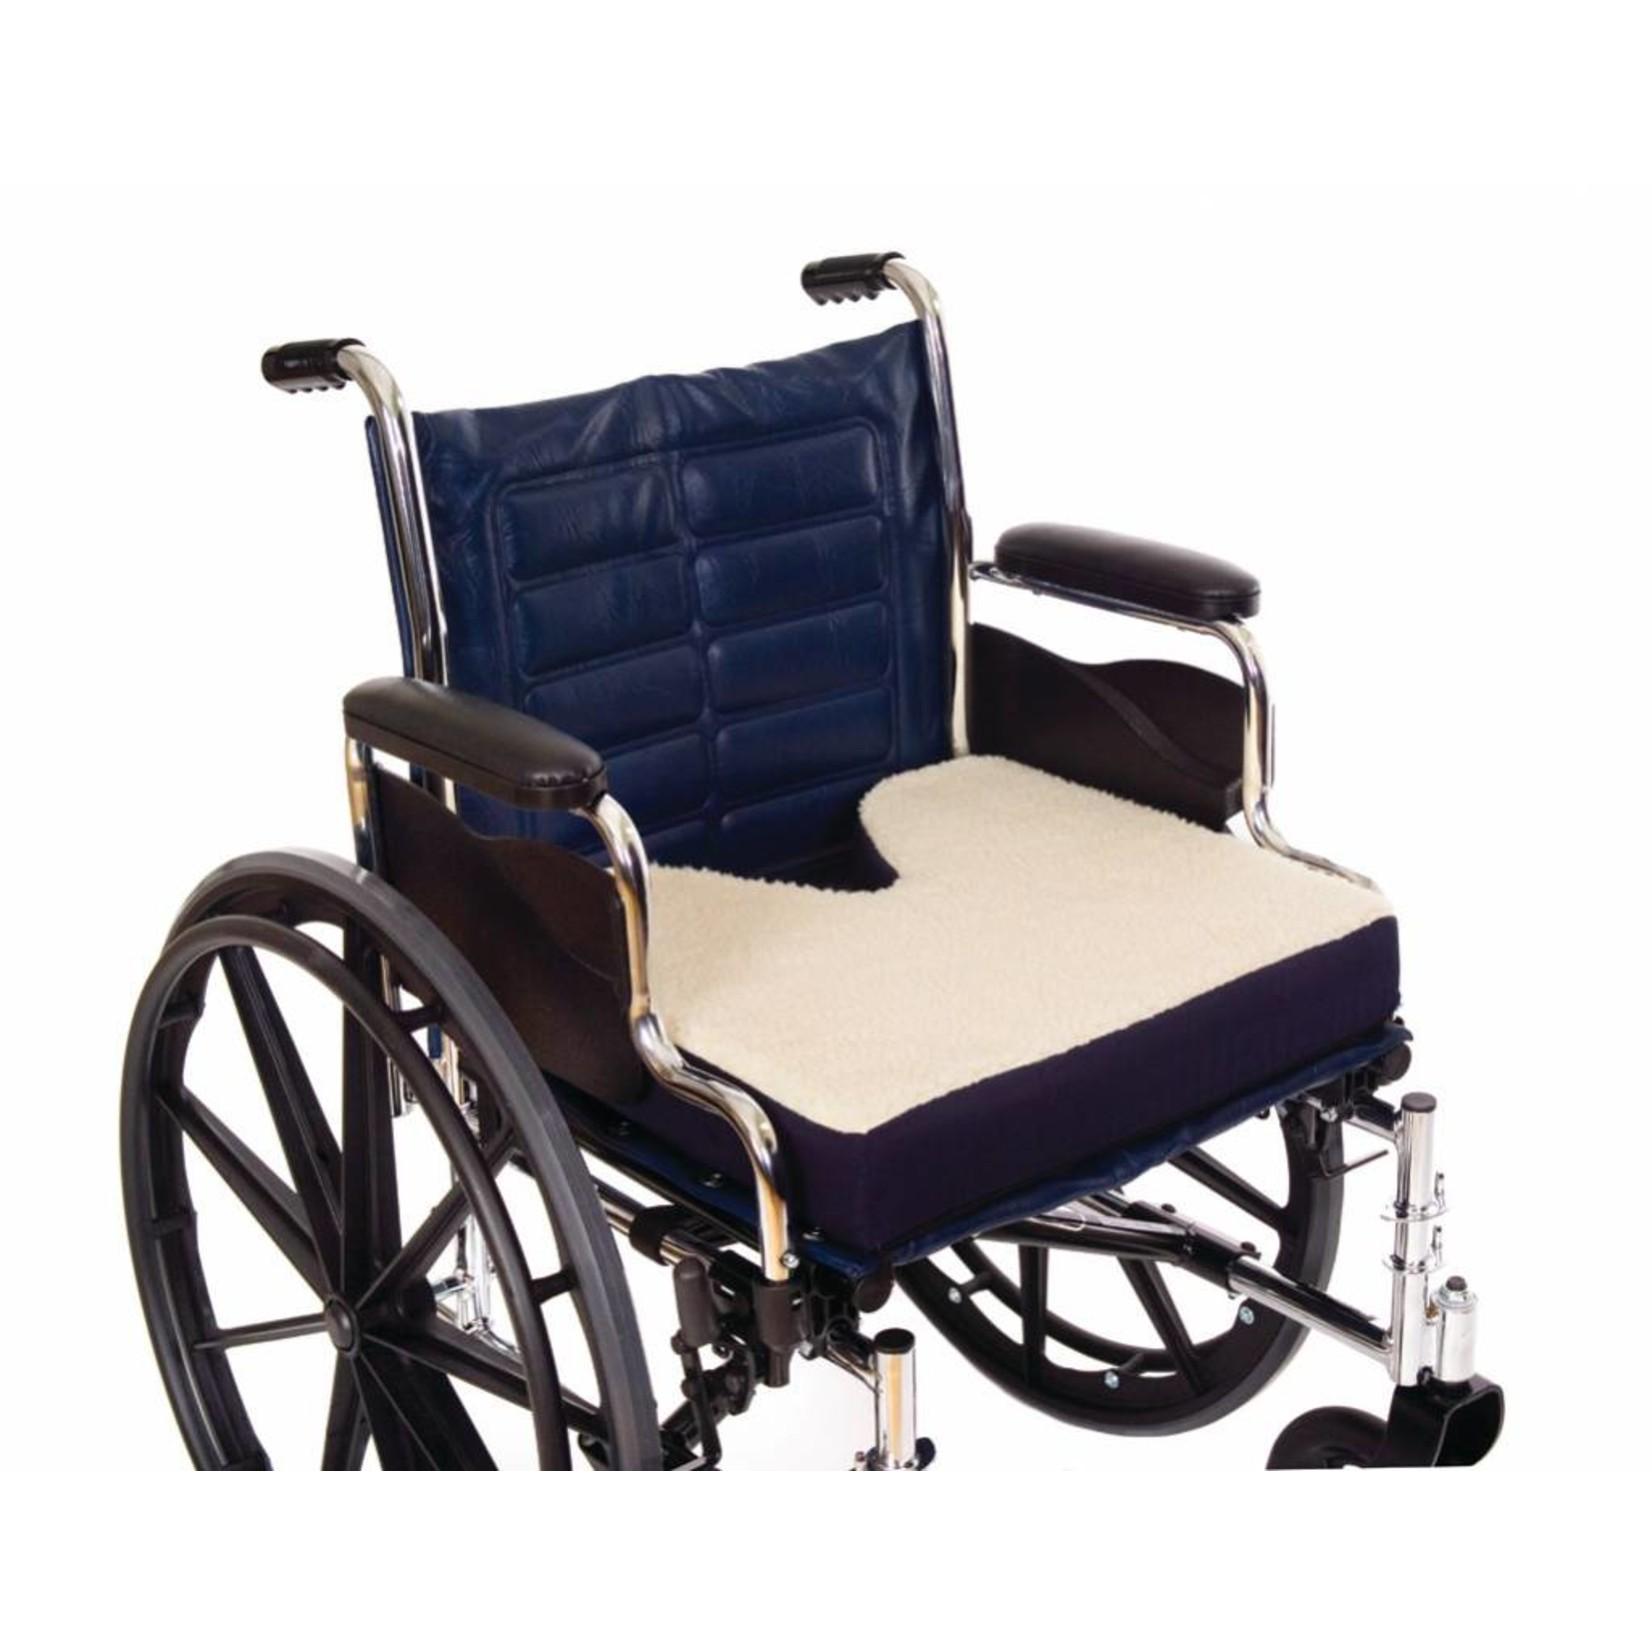 Essential Medical coccyx cushion fleece 18x16x3